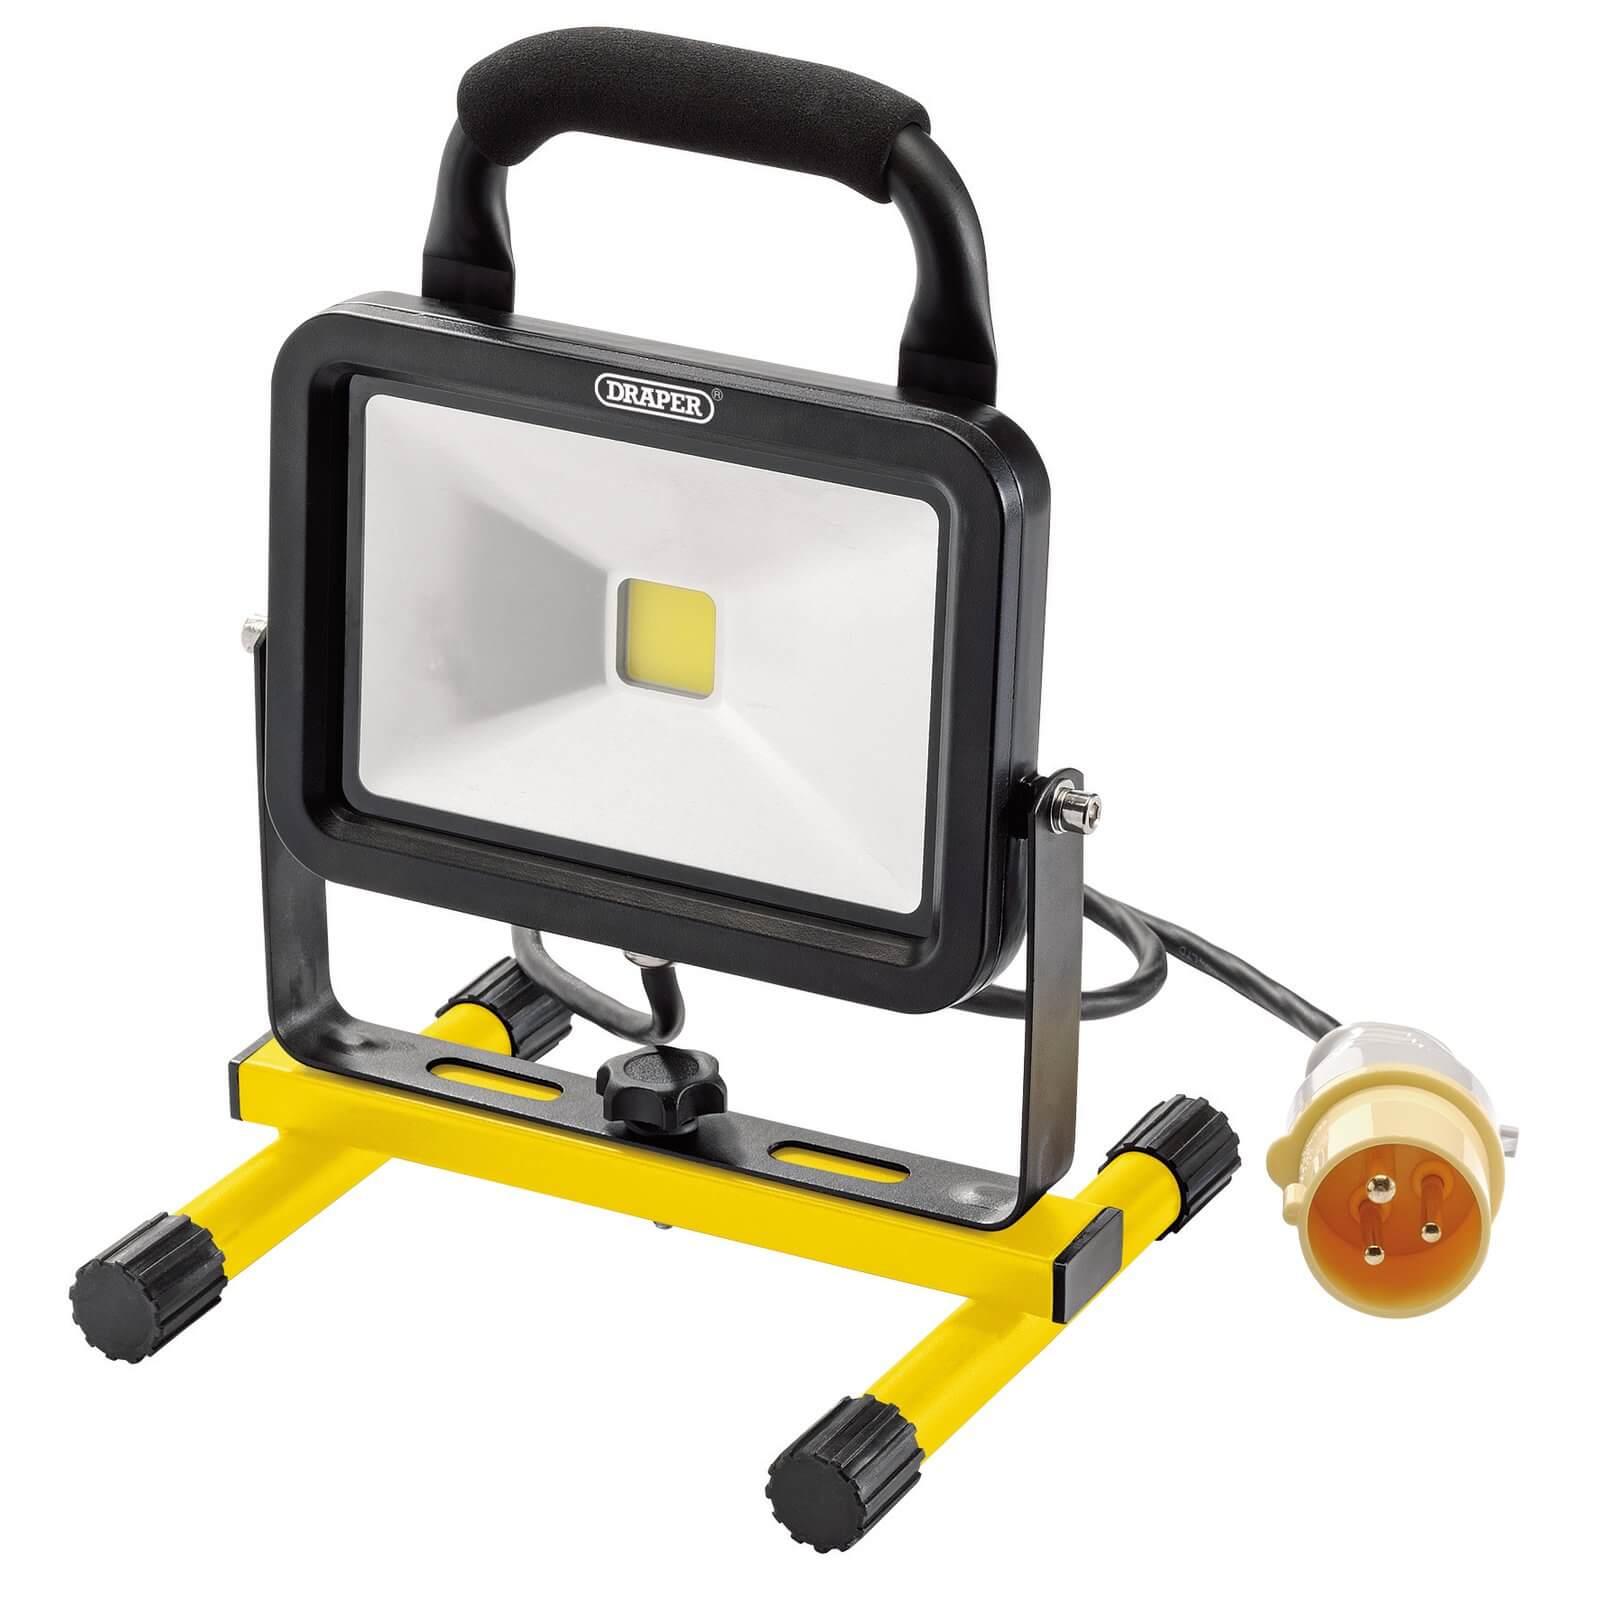 Image of Draper COB LED 20 Watt Work Light 110v